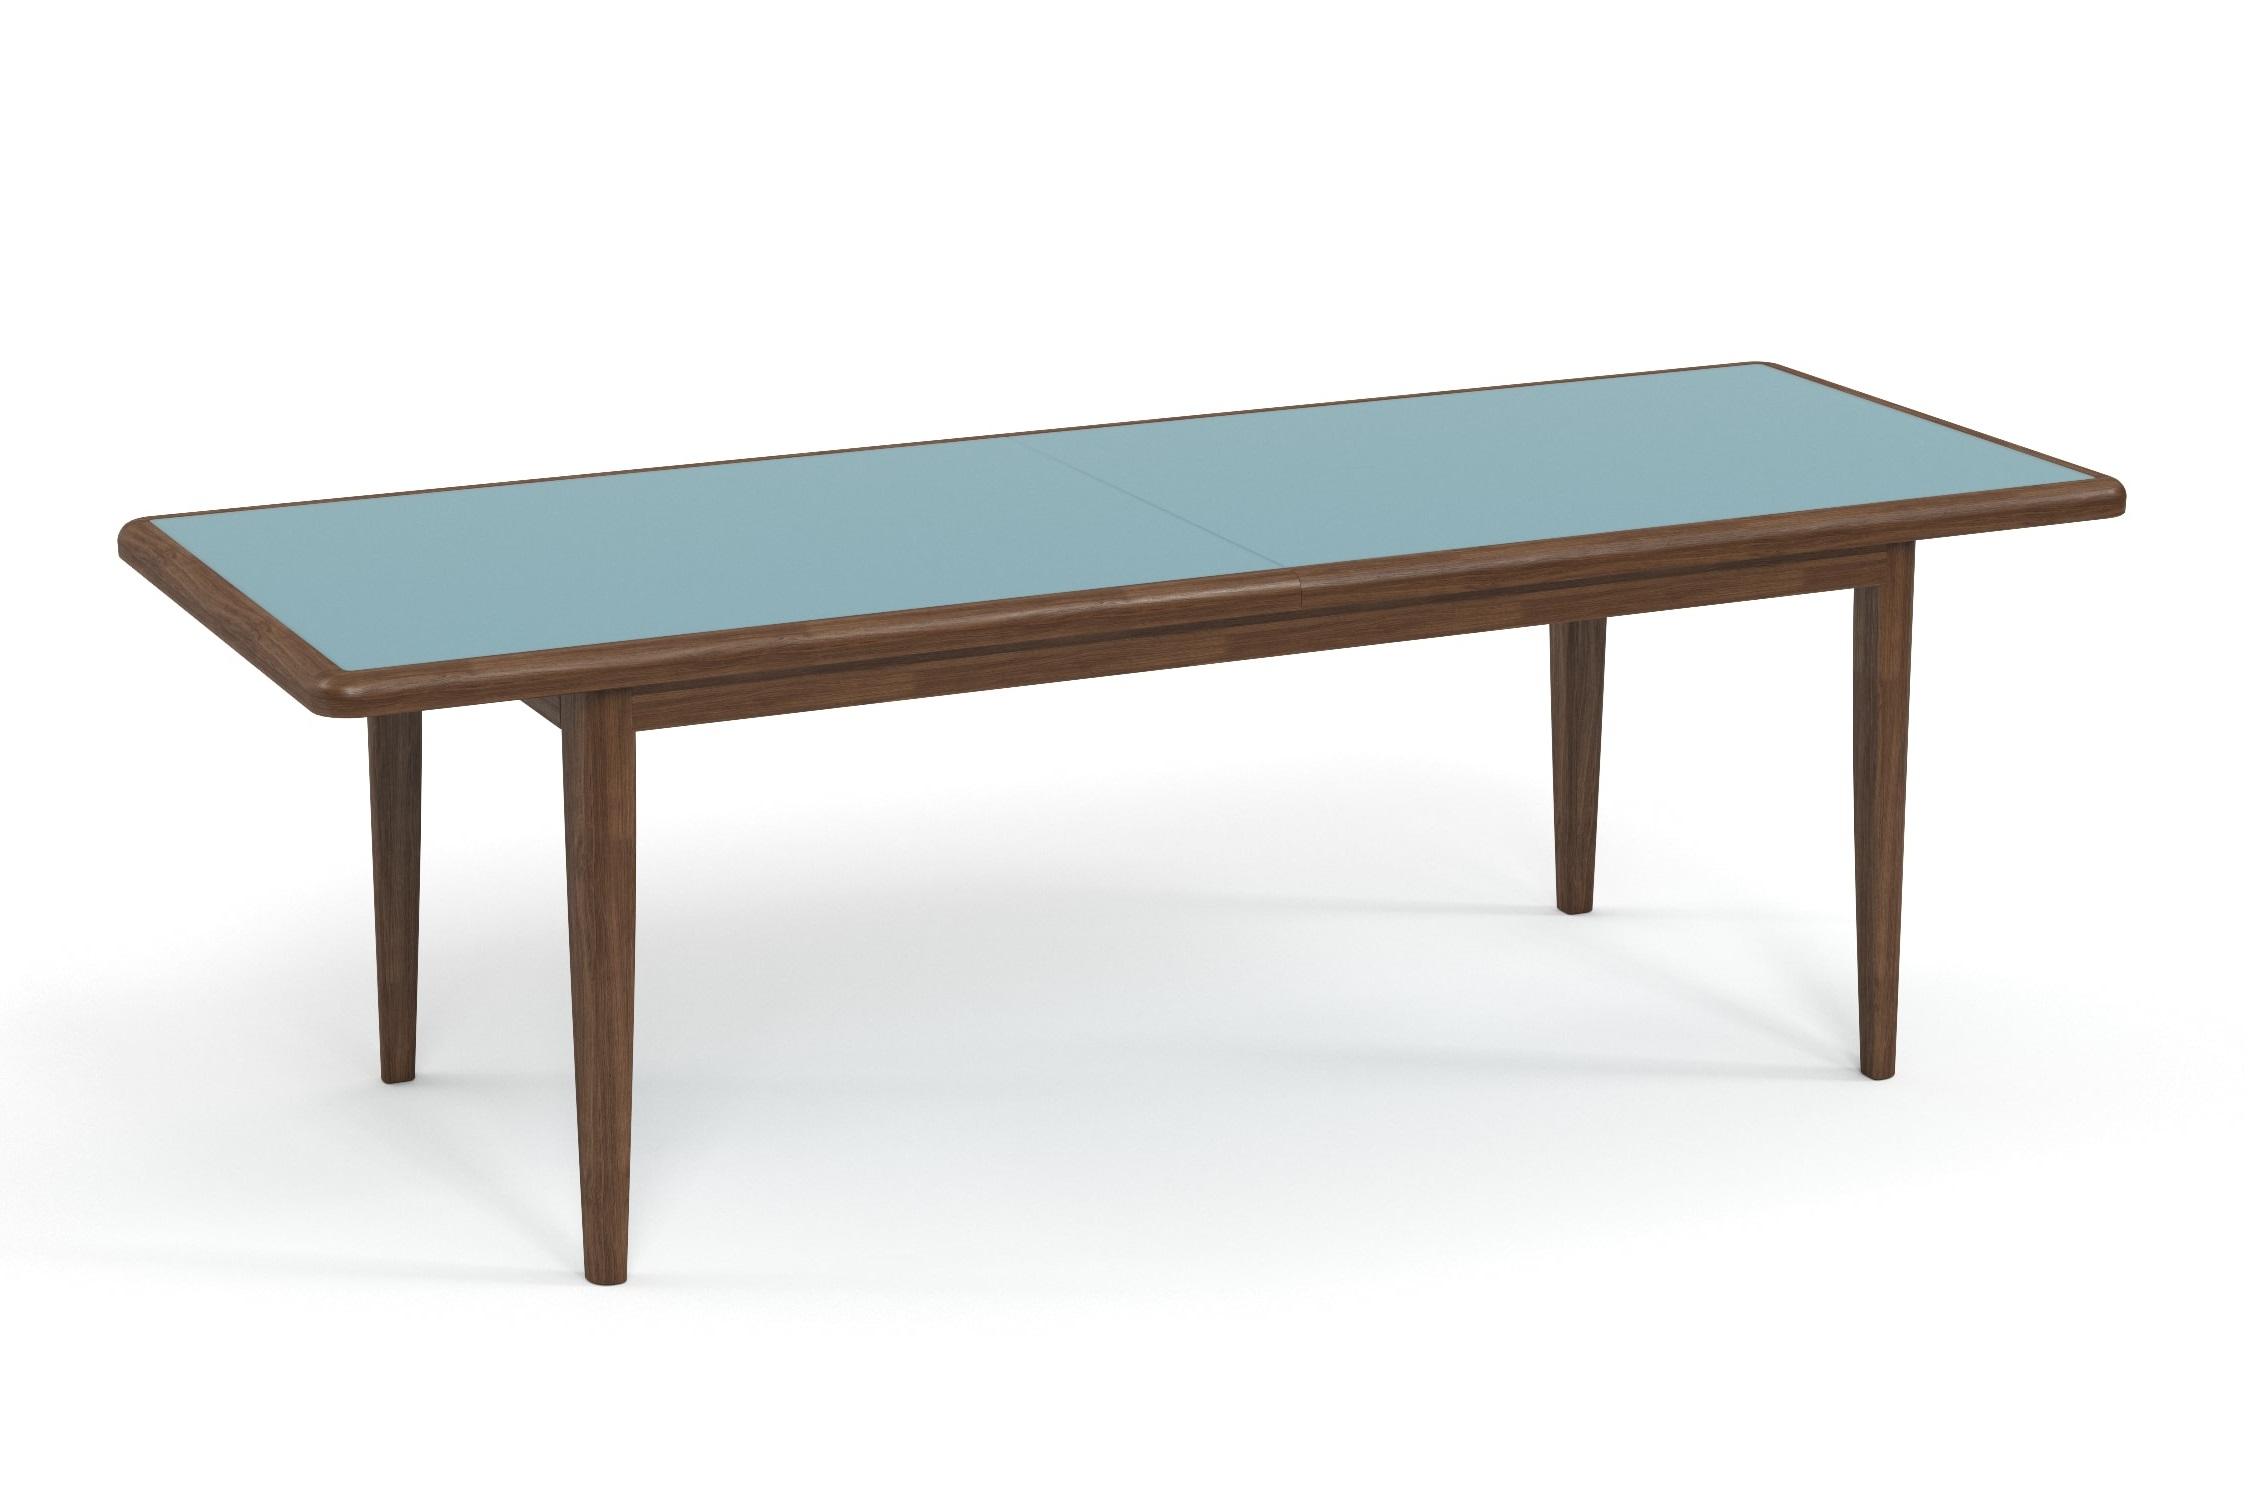 Стол обеденный SeagullСтолы и столики для сада<br>&amp;lt;div&amp;gt;Коллекция SEAGULL – воплощение природной простоты и естественного совершенства. Мебель привлекает тёплыми тонами, уникальностью материала и идеальными пропорциями. Стеклянные столешницы обеденных и журнальных столов по цвету гармонируют с тканью подушек, удобные диваны и «утопающие» кресла дарят ощущения спокойствия и комфорта.&amp;amp;nbsp;&amp;lt;/div&amp;gt;&amp;lt;div&amp;gt;&amp;lt;br&amp;gt;&amp;lt;/div&amp;gt;&amp;lt;div&amp;gt;Термоясень (ясень термообработанный) обладает высокими эксплуатационными характеристиками. Имеет ярко выраженную красивую текстуру и благородный аромат. Это исключительно долговечный, недеформируемый под воздействием атмосферных явлений и экологически чистый материал. В результате термообработки – длительного переменного воздействия пара и высоких температур – в структуре древесины происходят изменения на молекулярном уровне, и ясень приобретает наиболее важные для уличной мебели свойства – водостойкость, стабильность размеров, абсолютную устойчивость к биологическим поражениям. Срок службы – 10-15 лет.&amp;amp;nbsp;&amp;lt;/div&amp;gt;&amp;lt;div&amp;gt;&amp;lt;br&amp;gt;&amp;lt;/div&amp;gt;&amp;lt;div&amp;gt;Вся фурнитура изготовлена из нержавеющей стали на собственном производстве.&amp;amp;nbsp;&amp;lt;/div&amp;gt;&amp;lt;div&amp;gt;&amp;lt;br&amp;gt;&amp;lt;/div&amp;gt;<br><br>&amp;lt;iframe width=&amp;quot;530&amp;quot; height=&amp;quot;300&amp;quot; src=&amp;quot;https://www.youtube.com/embed/uL9Kujh07kc&amp;quot; frameborder=&amp;quot;0&amp;quot; allowfullscreen=&amp;quot;&amp;quot;&amp;gt;&amp;lt;/iframe&amp;gt;<br><br>Material: Ясень<br>Ширина см: 90.0<br>Высота см: 77.0<br>Глубина см: 220.0